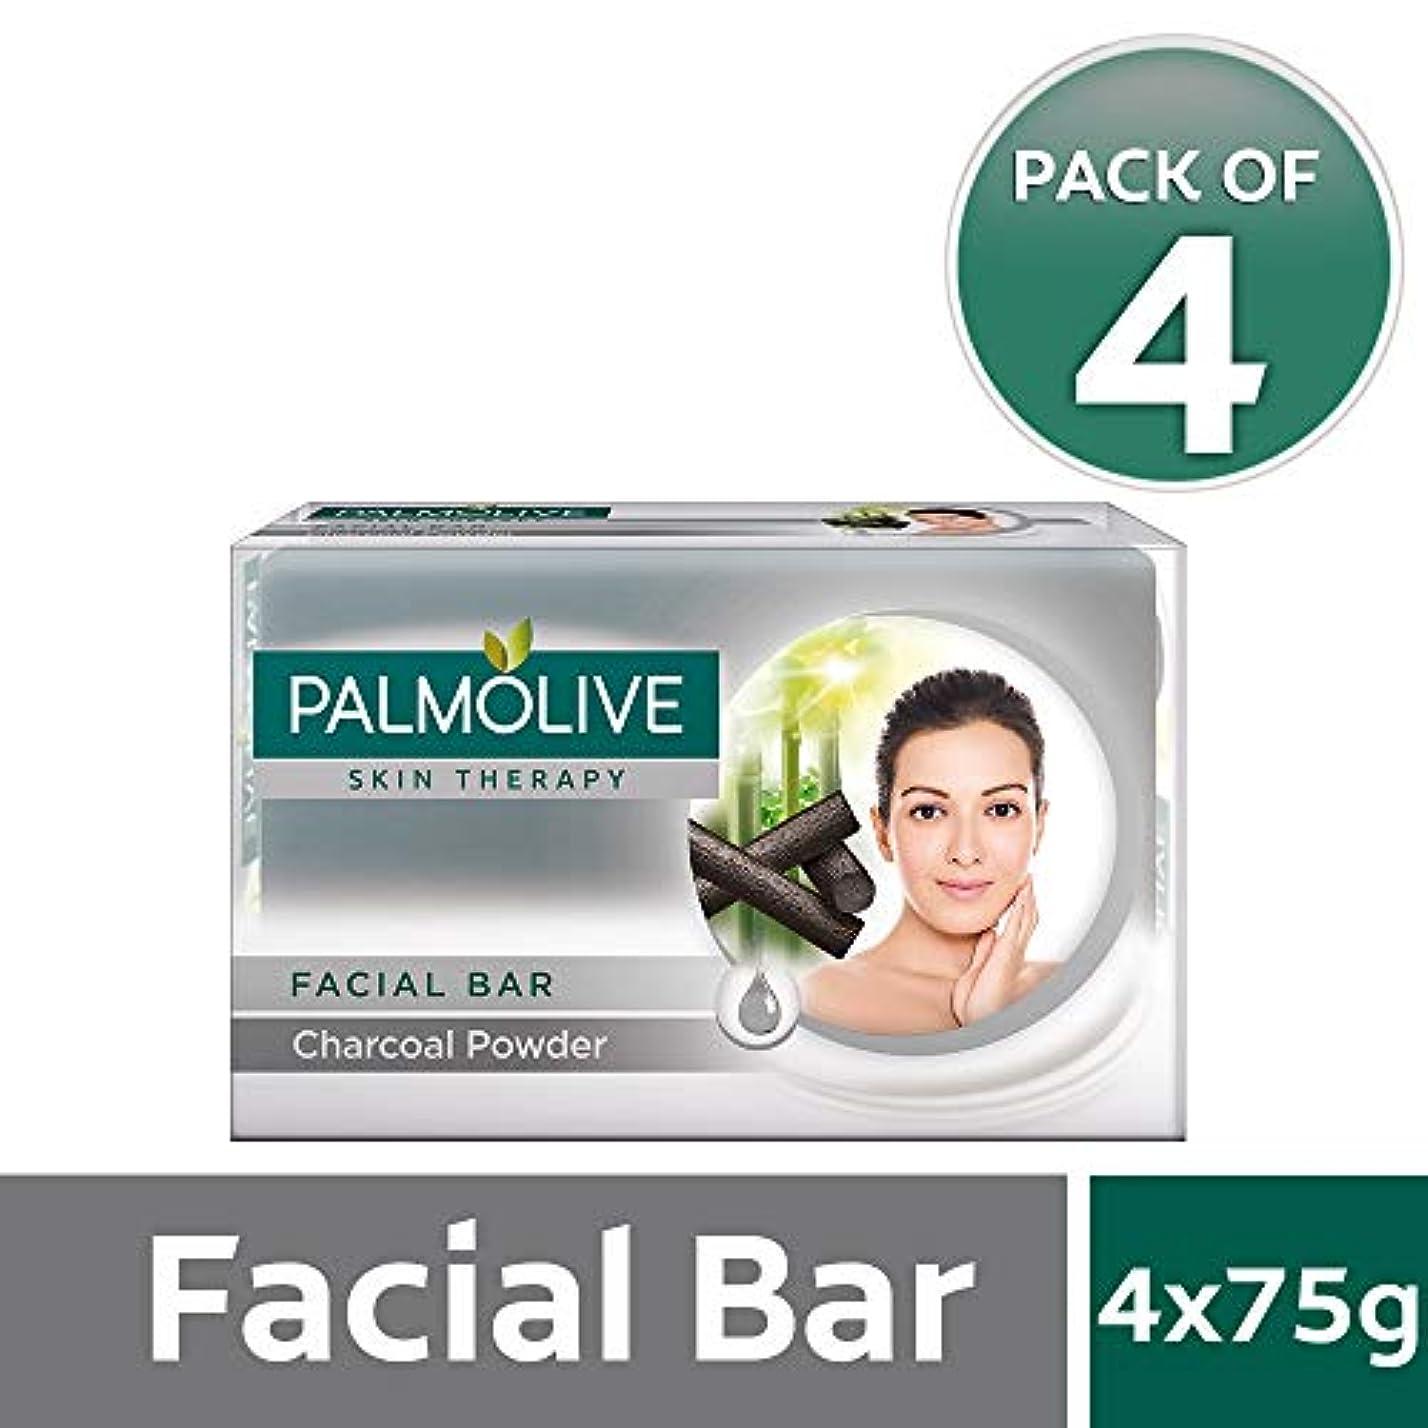 月曜剛性工業化するPalmolive Skin Therapy Facial Bar Soap with Charcoal Powder - 75g (Pack of 4)